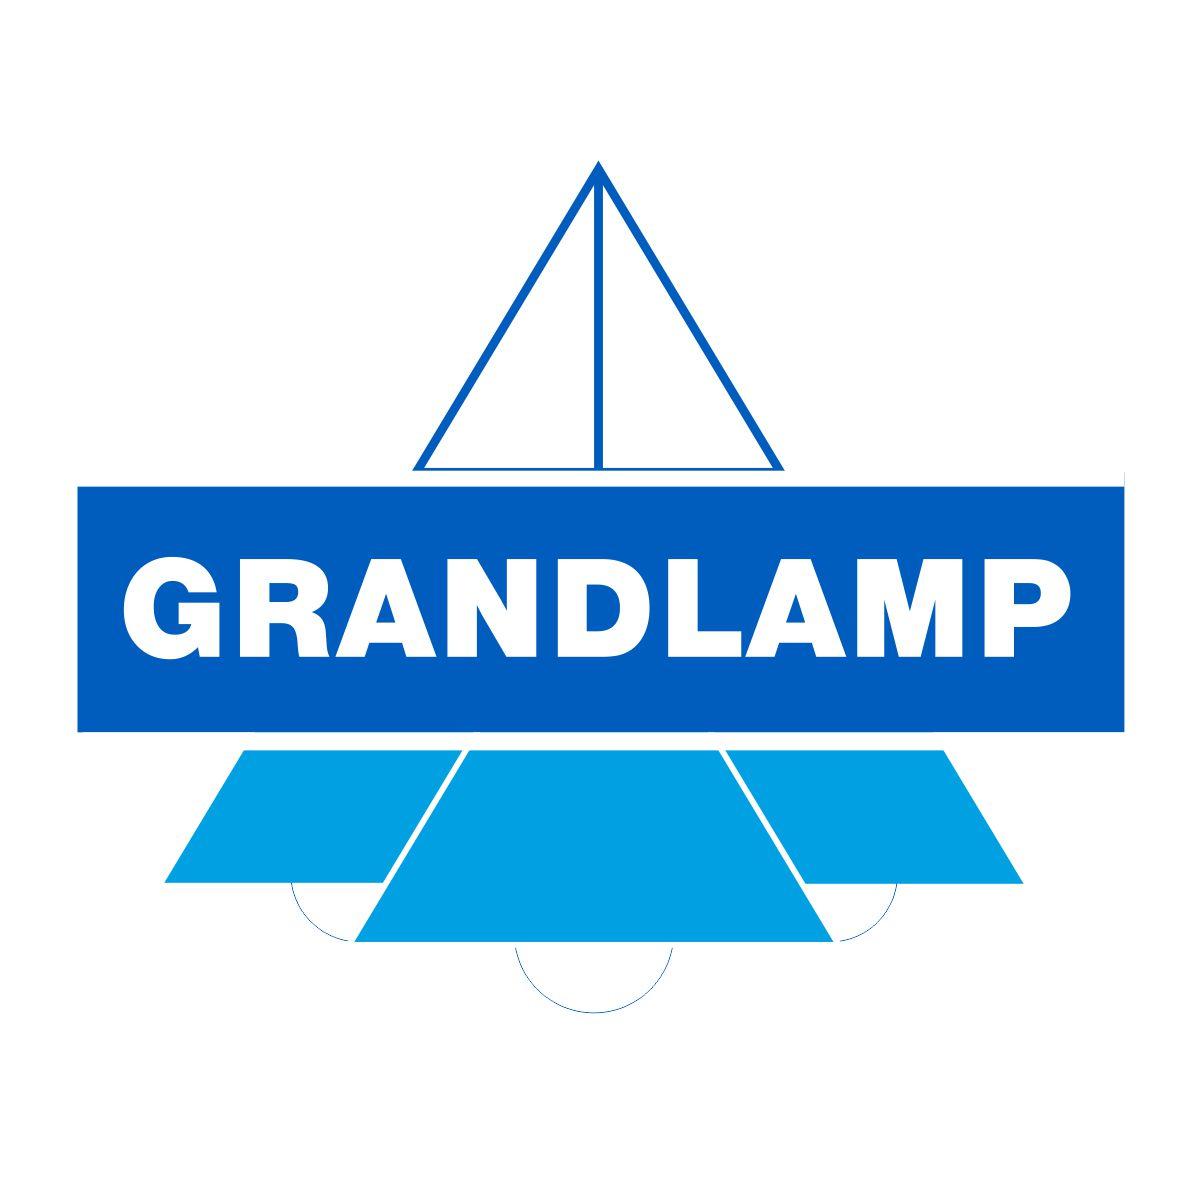 Разработка логотипа и элементов фирменного стиля фото f_26557e1b11b1f83d.jpg